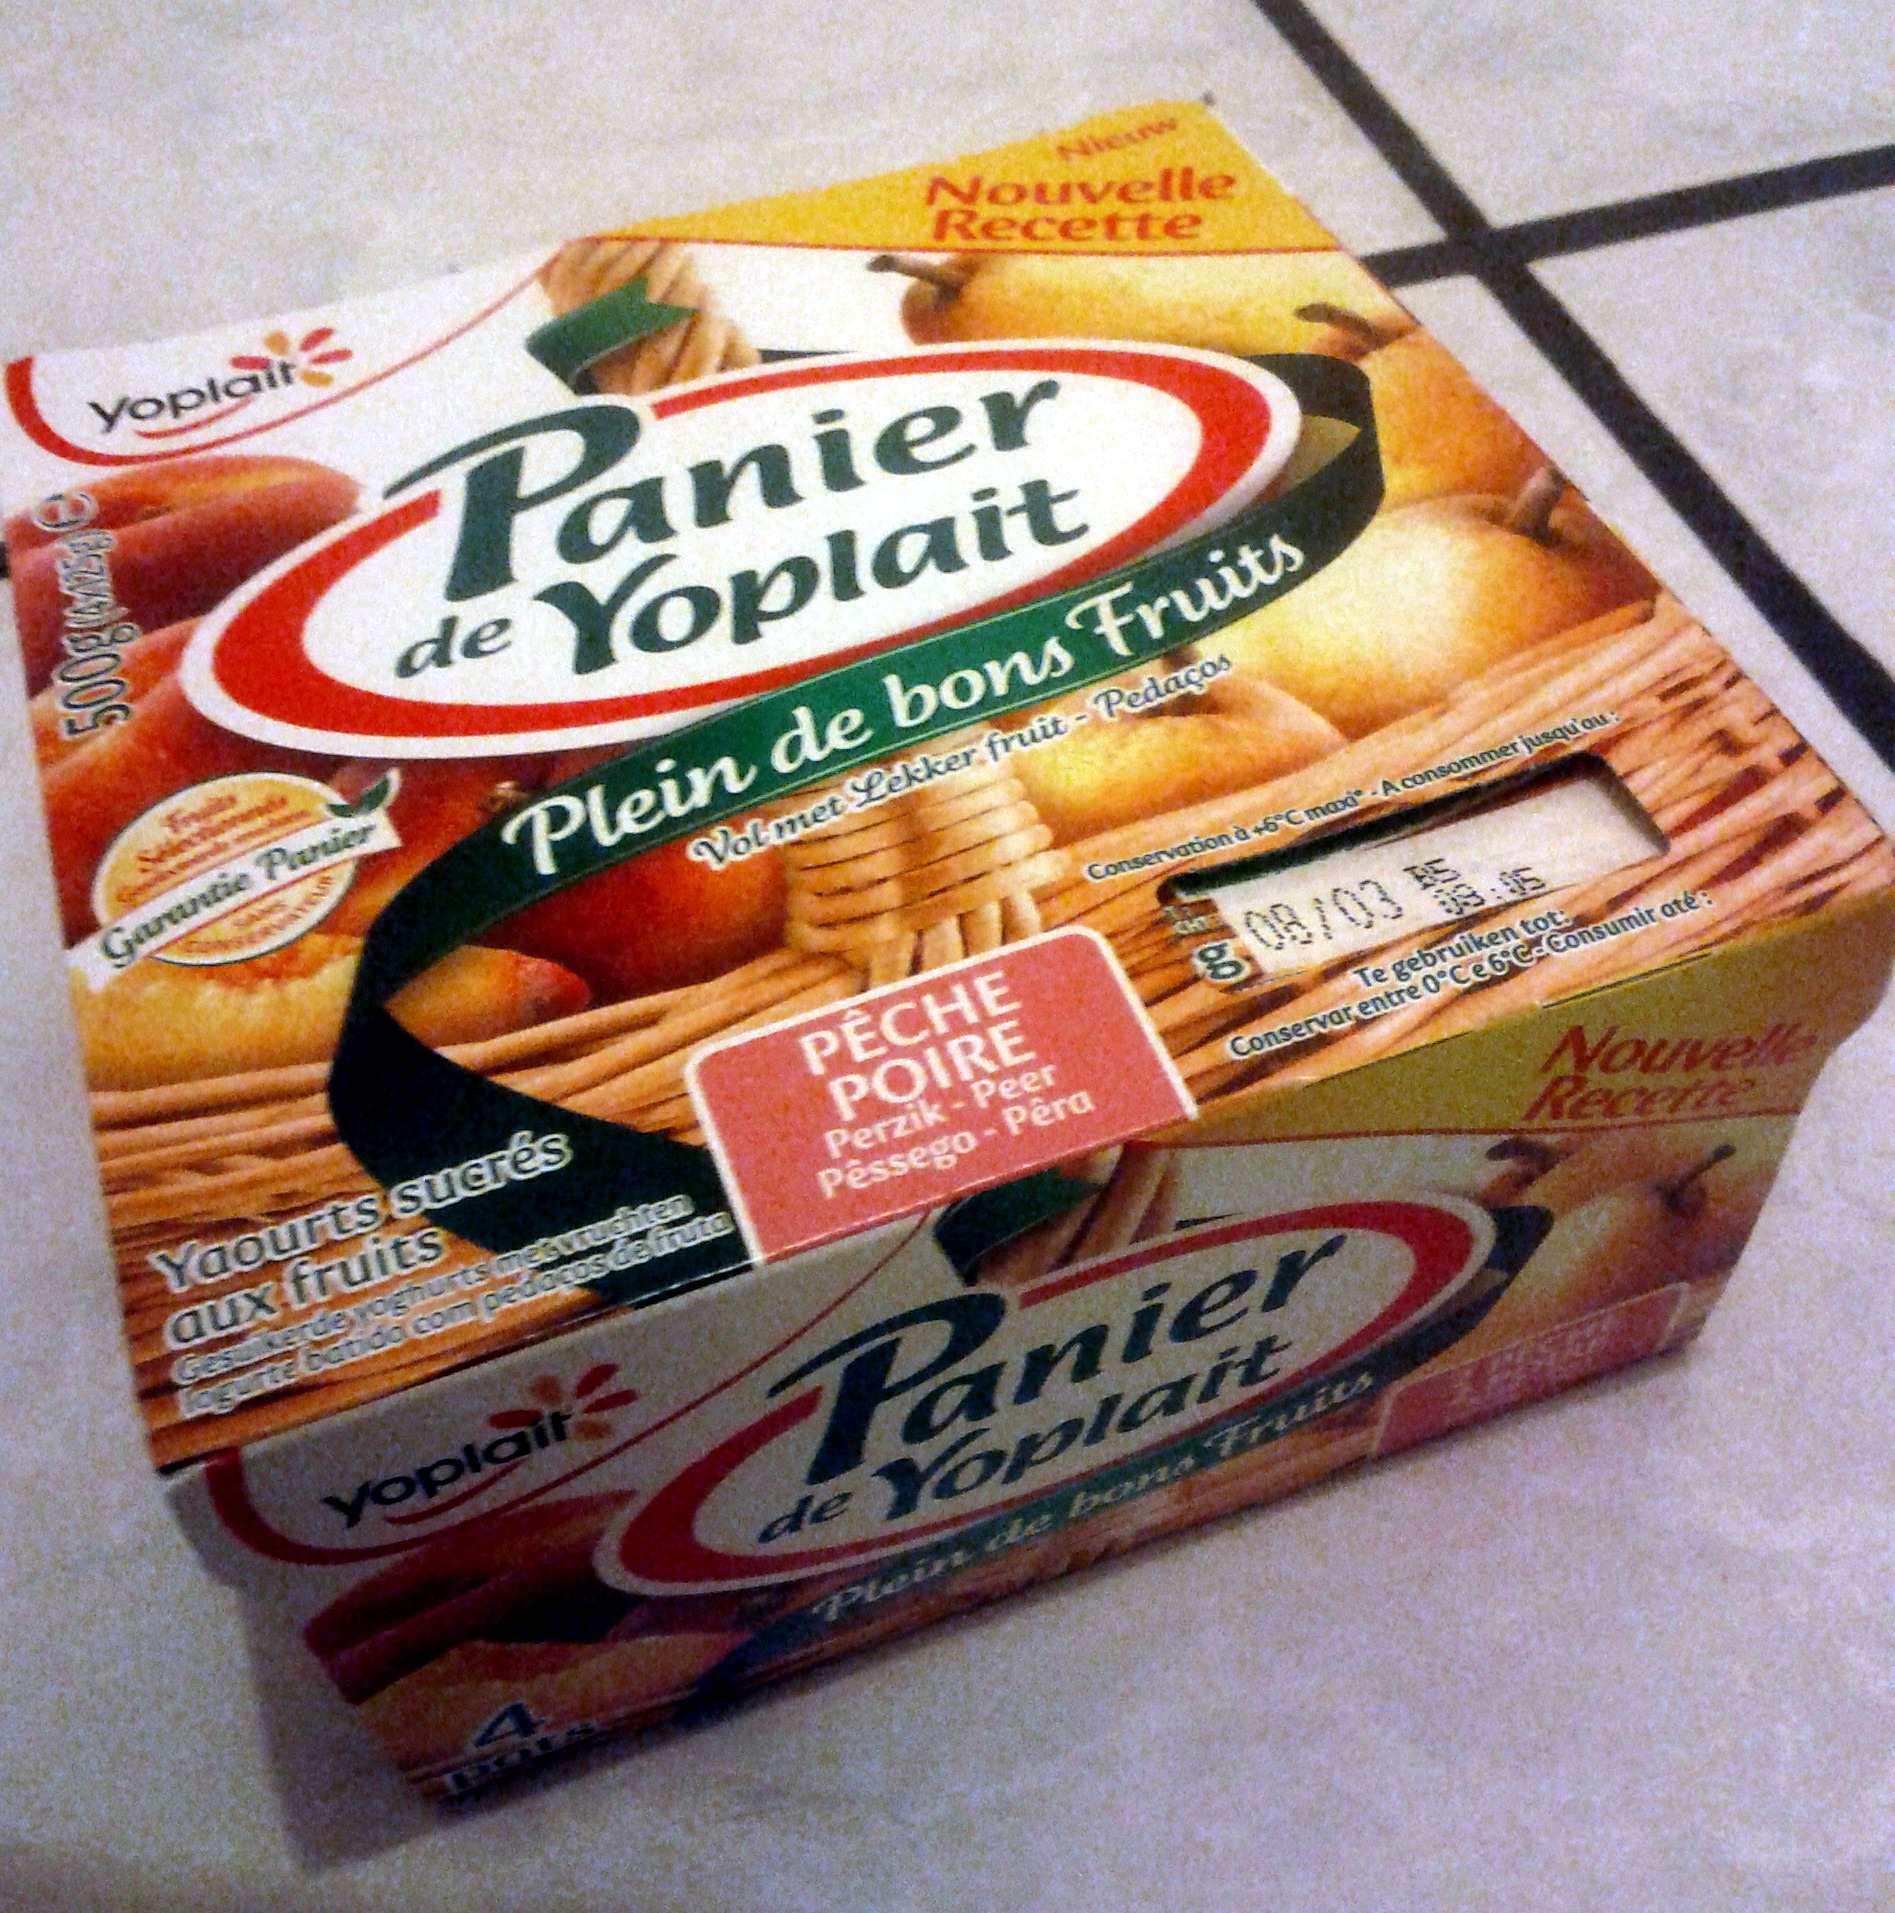 Panier de Yoplait Pêche, Poire - Product